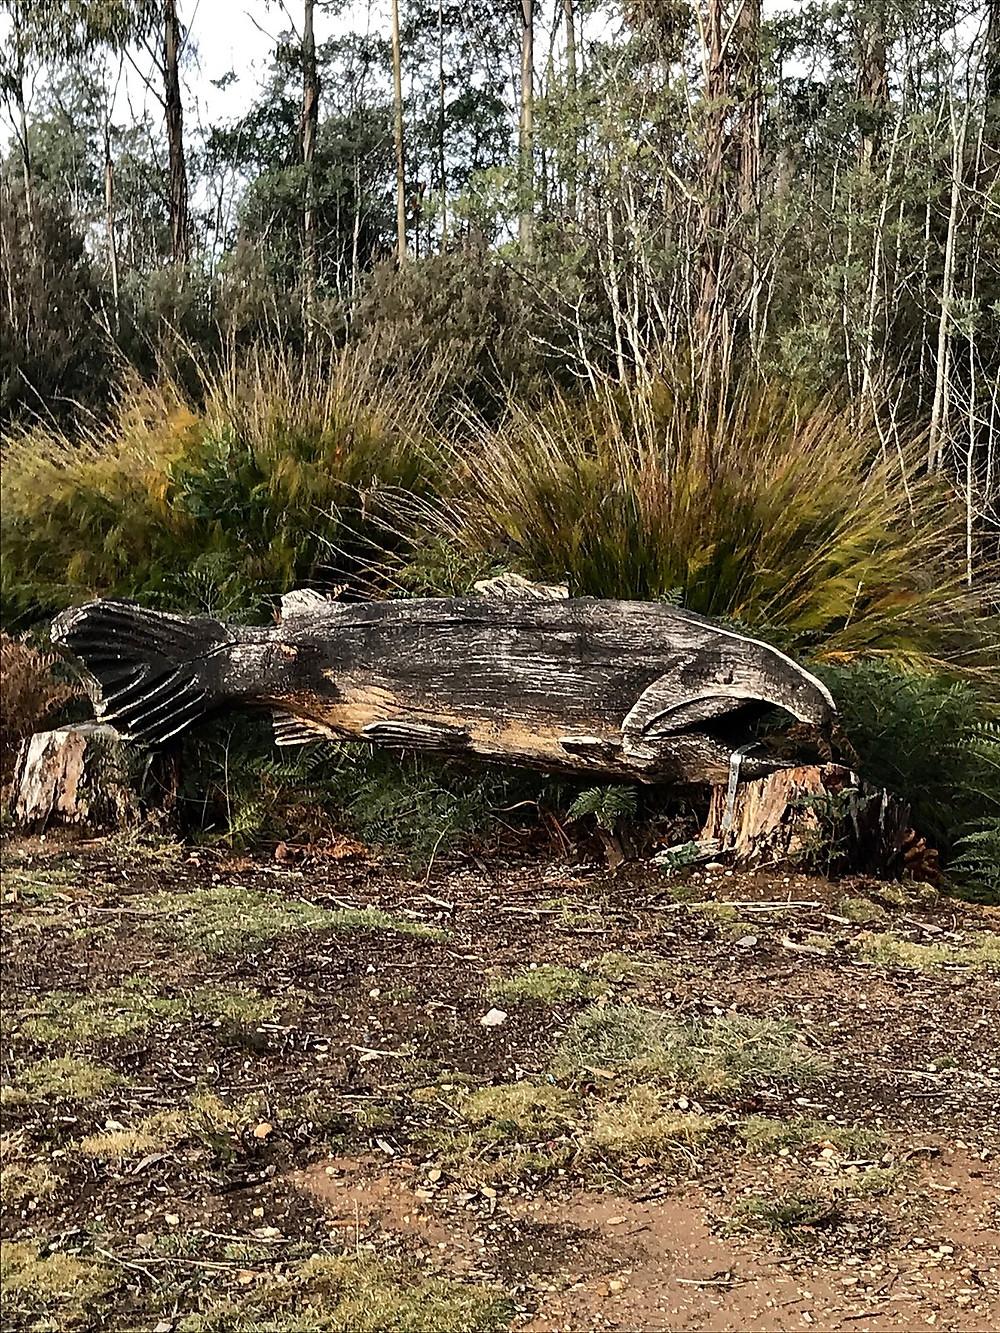 Рыборазводная ферма  41south — Тасмания 2018 — Блог о путешествиях Сергея Чеботова